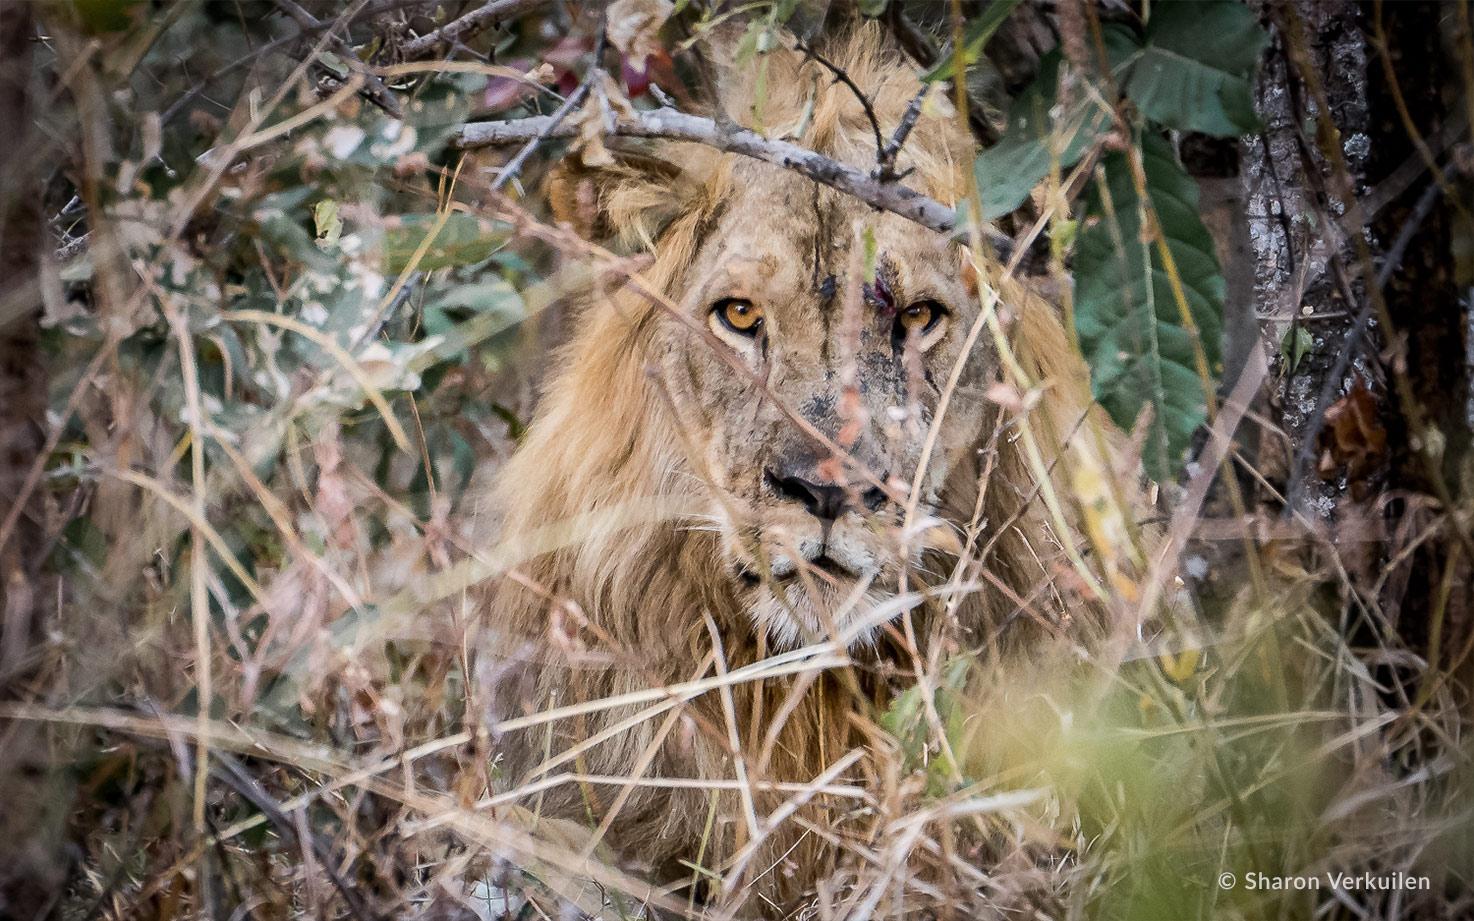 Sharon Verkuilen Luambe Camp 12 National Park Luangwa Valley Zambia